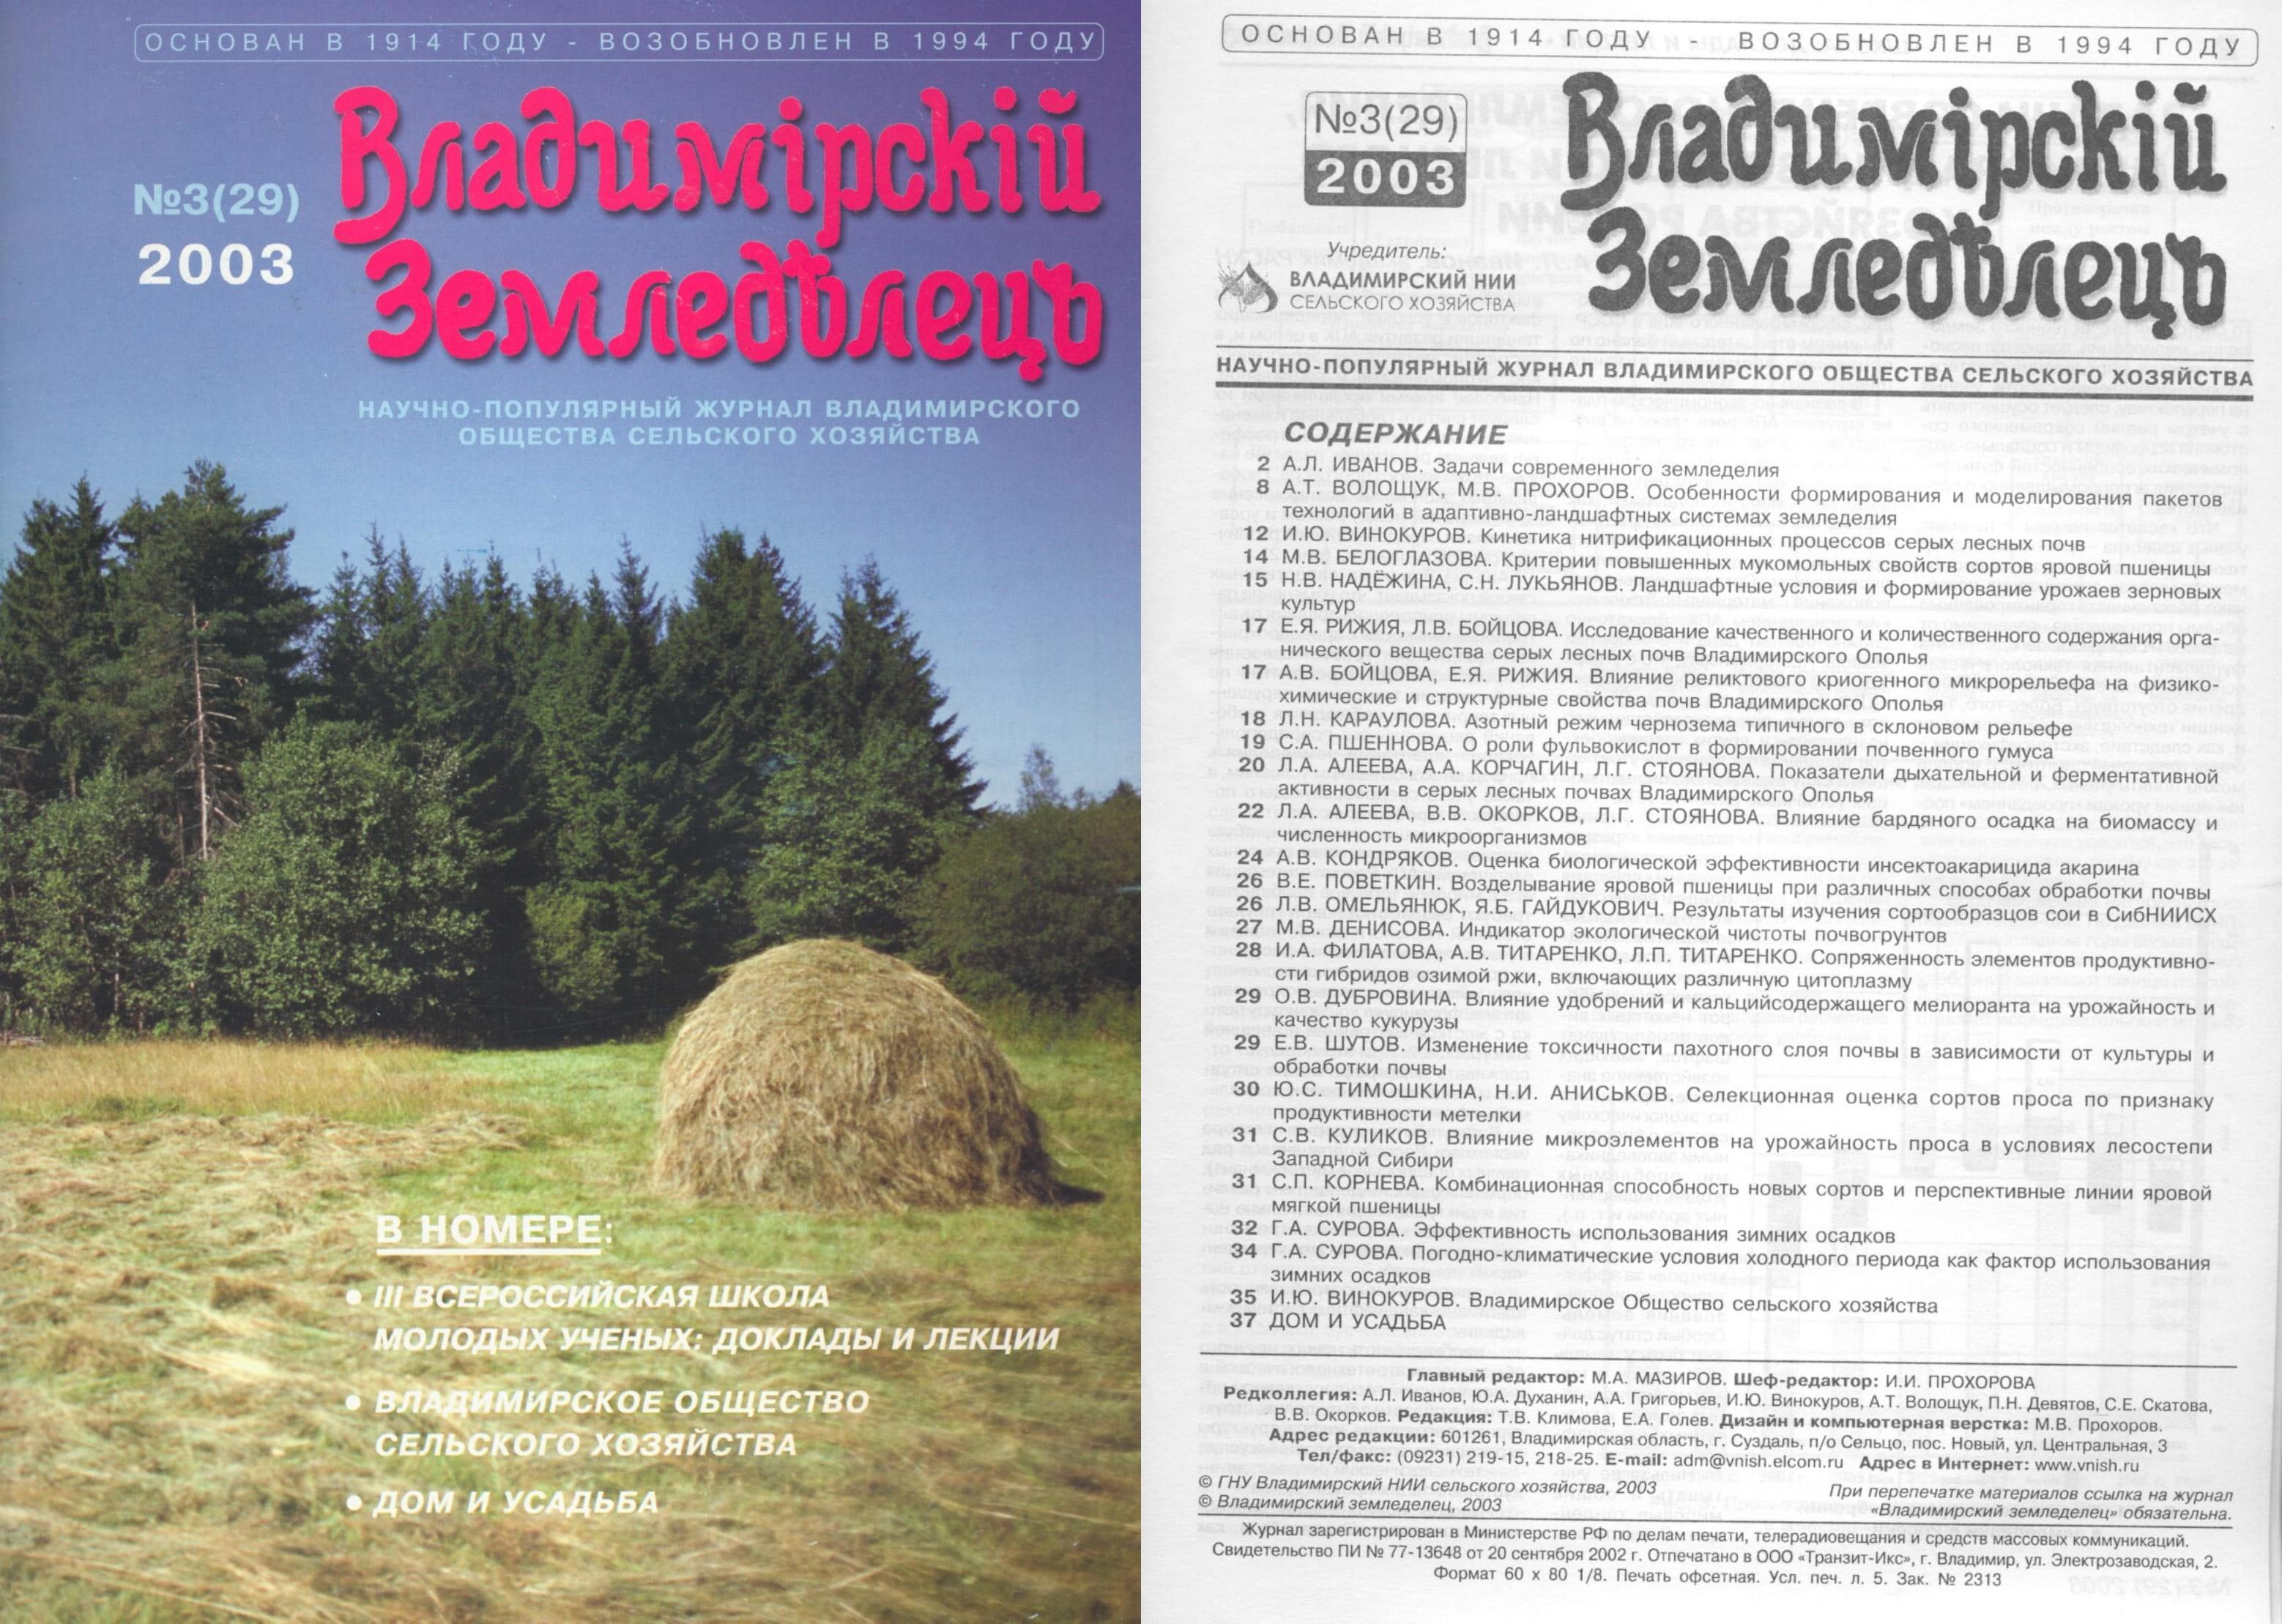 Владимирский земледелец 3(29) 2003